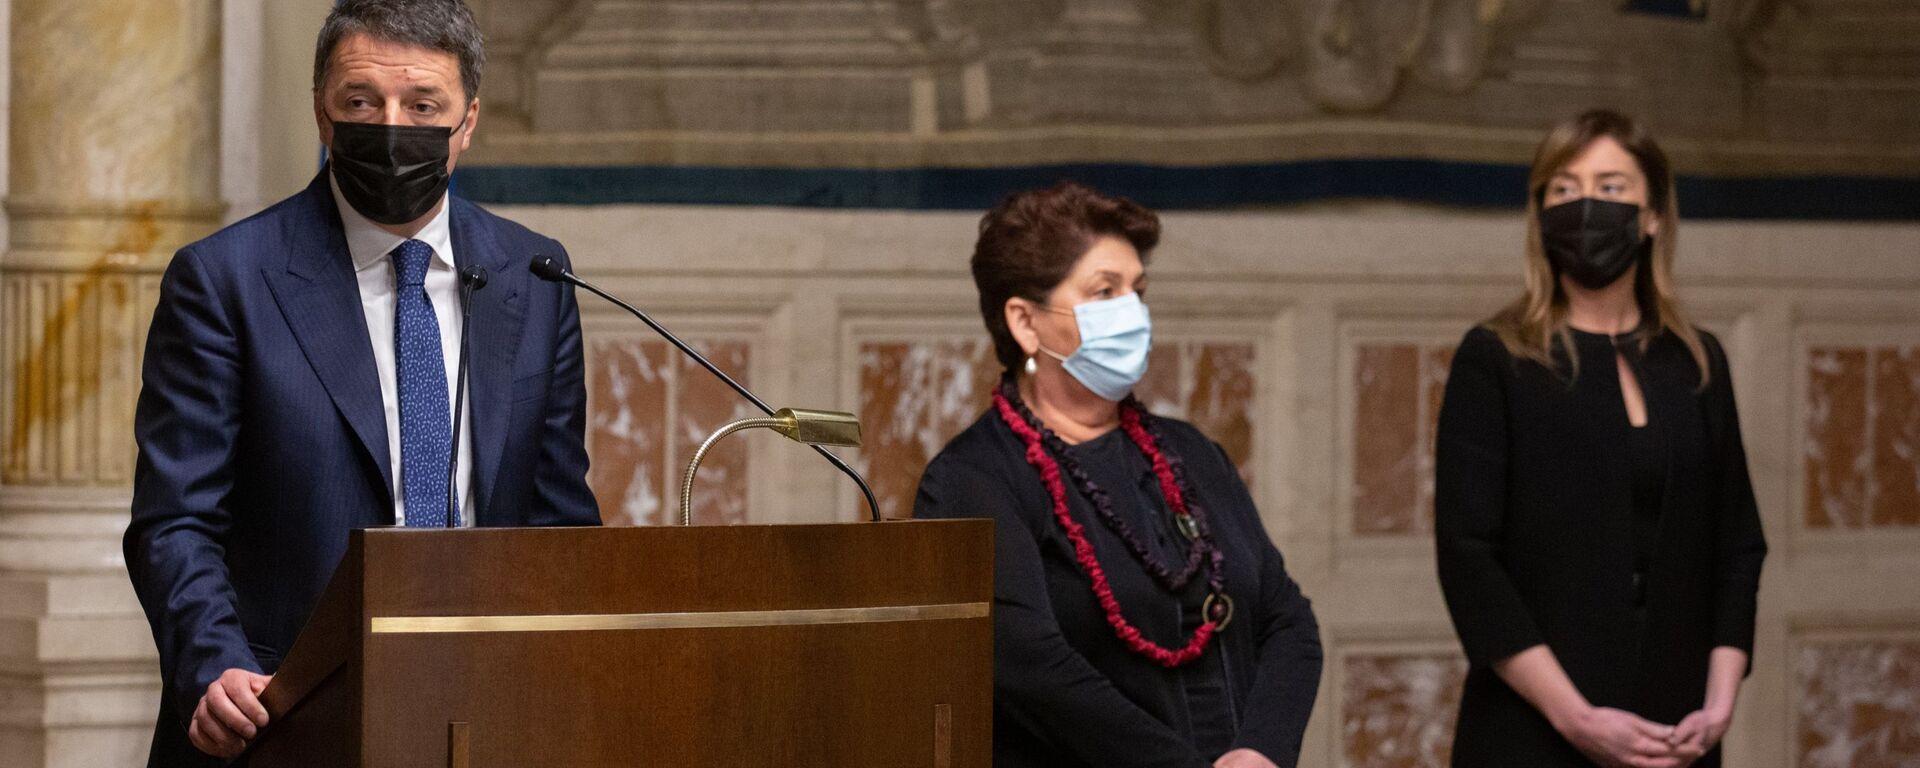 Matteo Renzi al termine delle consultazioni con Roberto Fico - Sputnik Italia, 1920, 19.04.2021